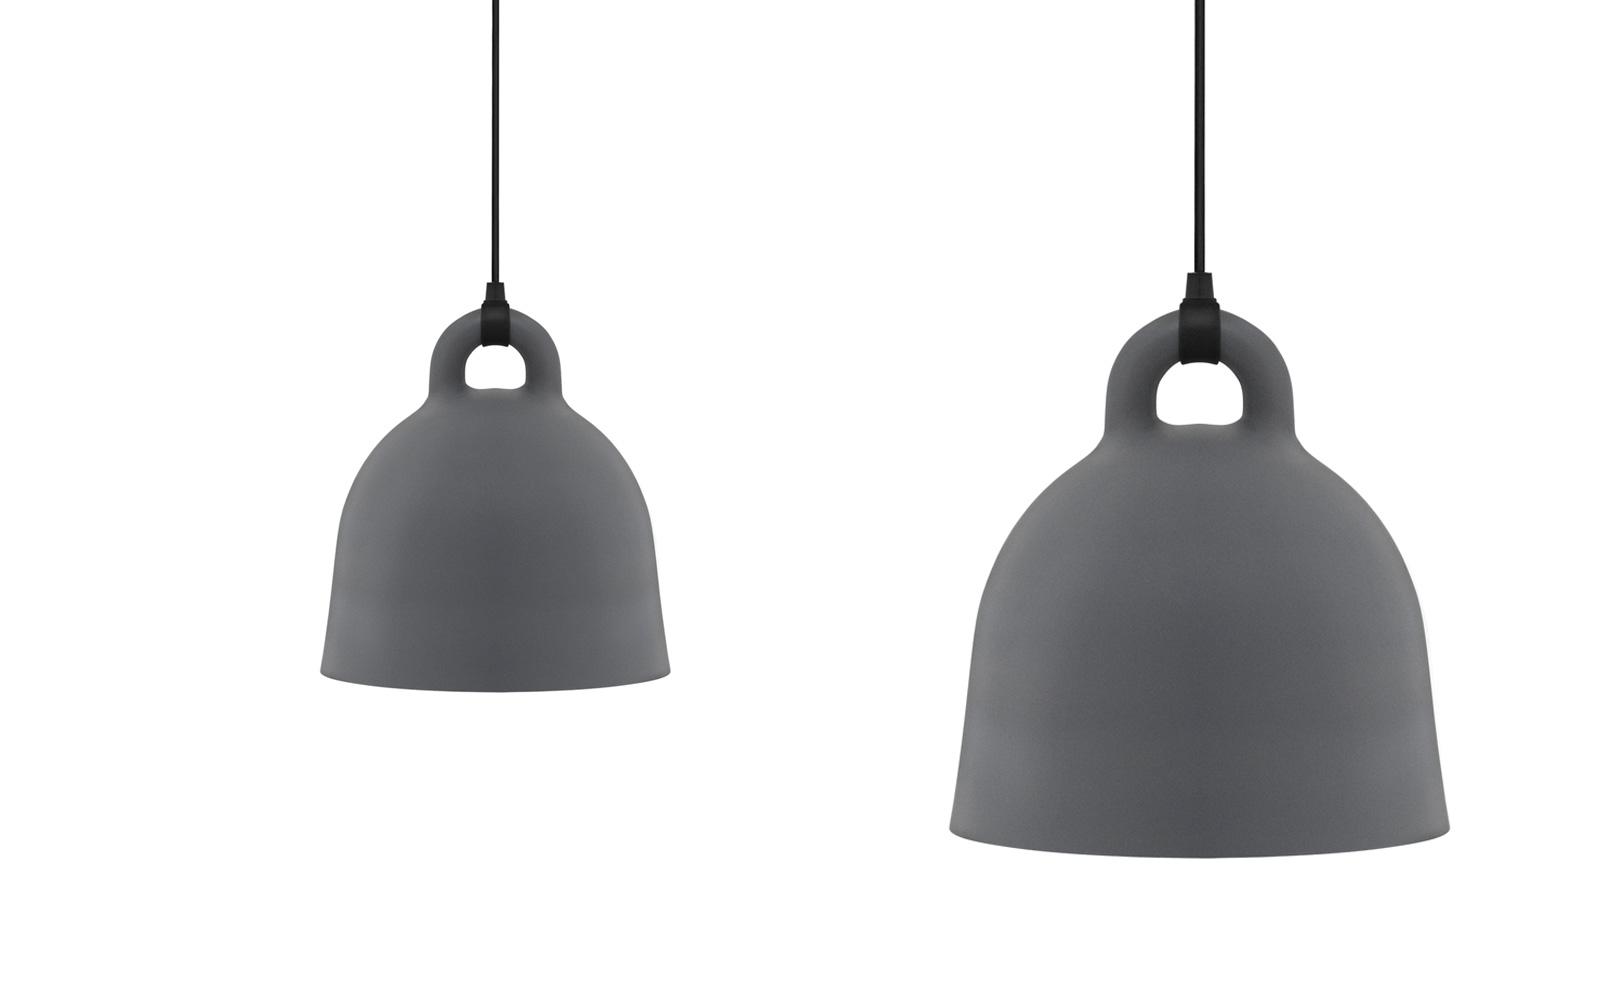 Beautiful Bell Lamp Grey Design